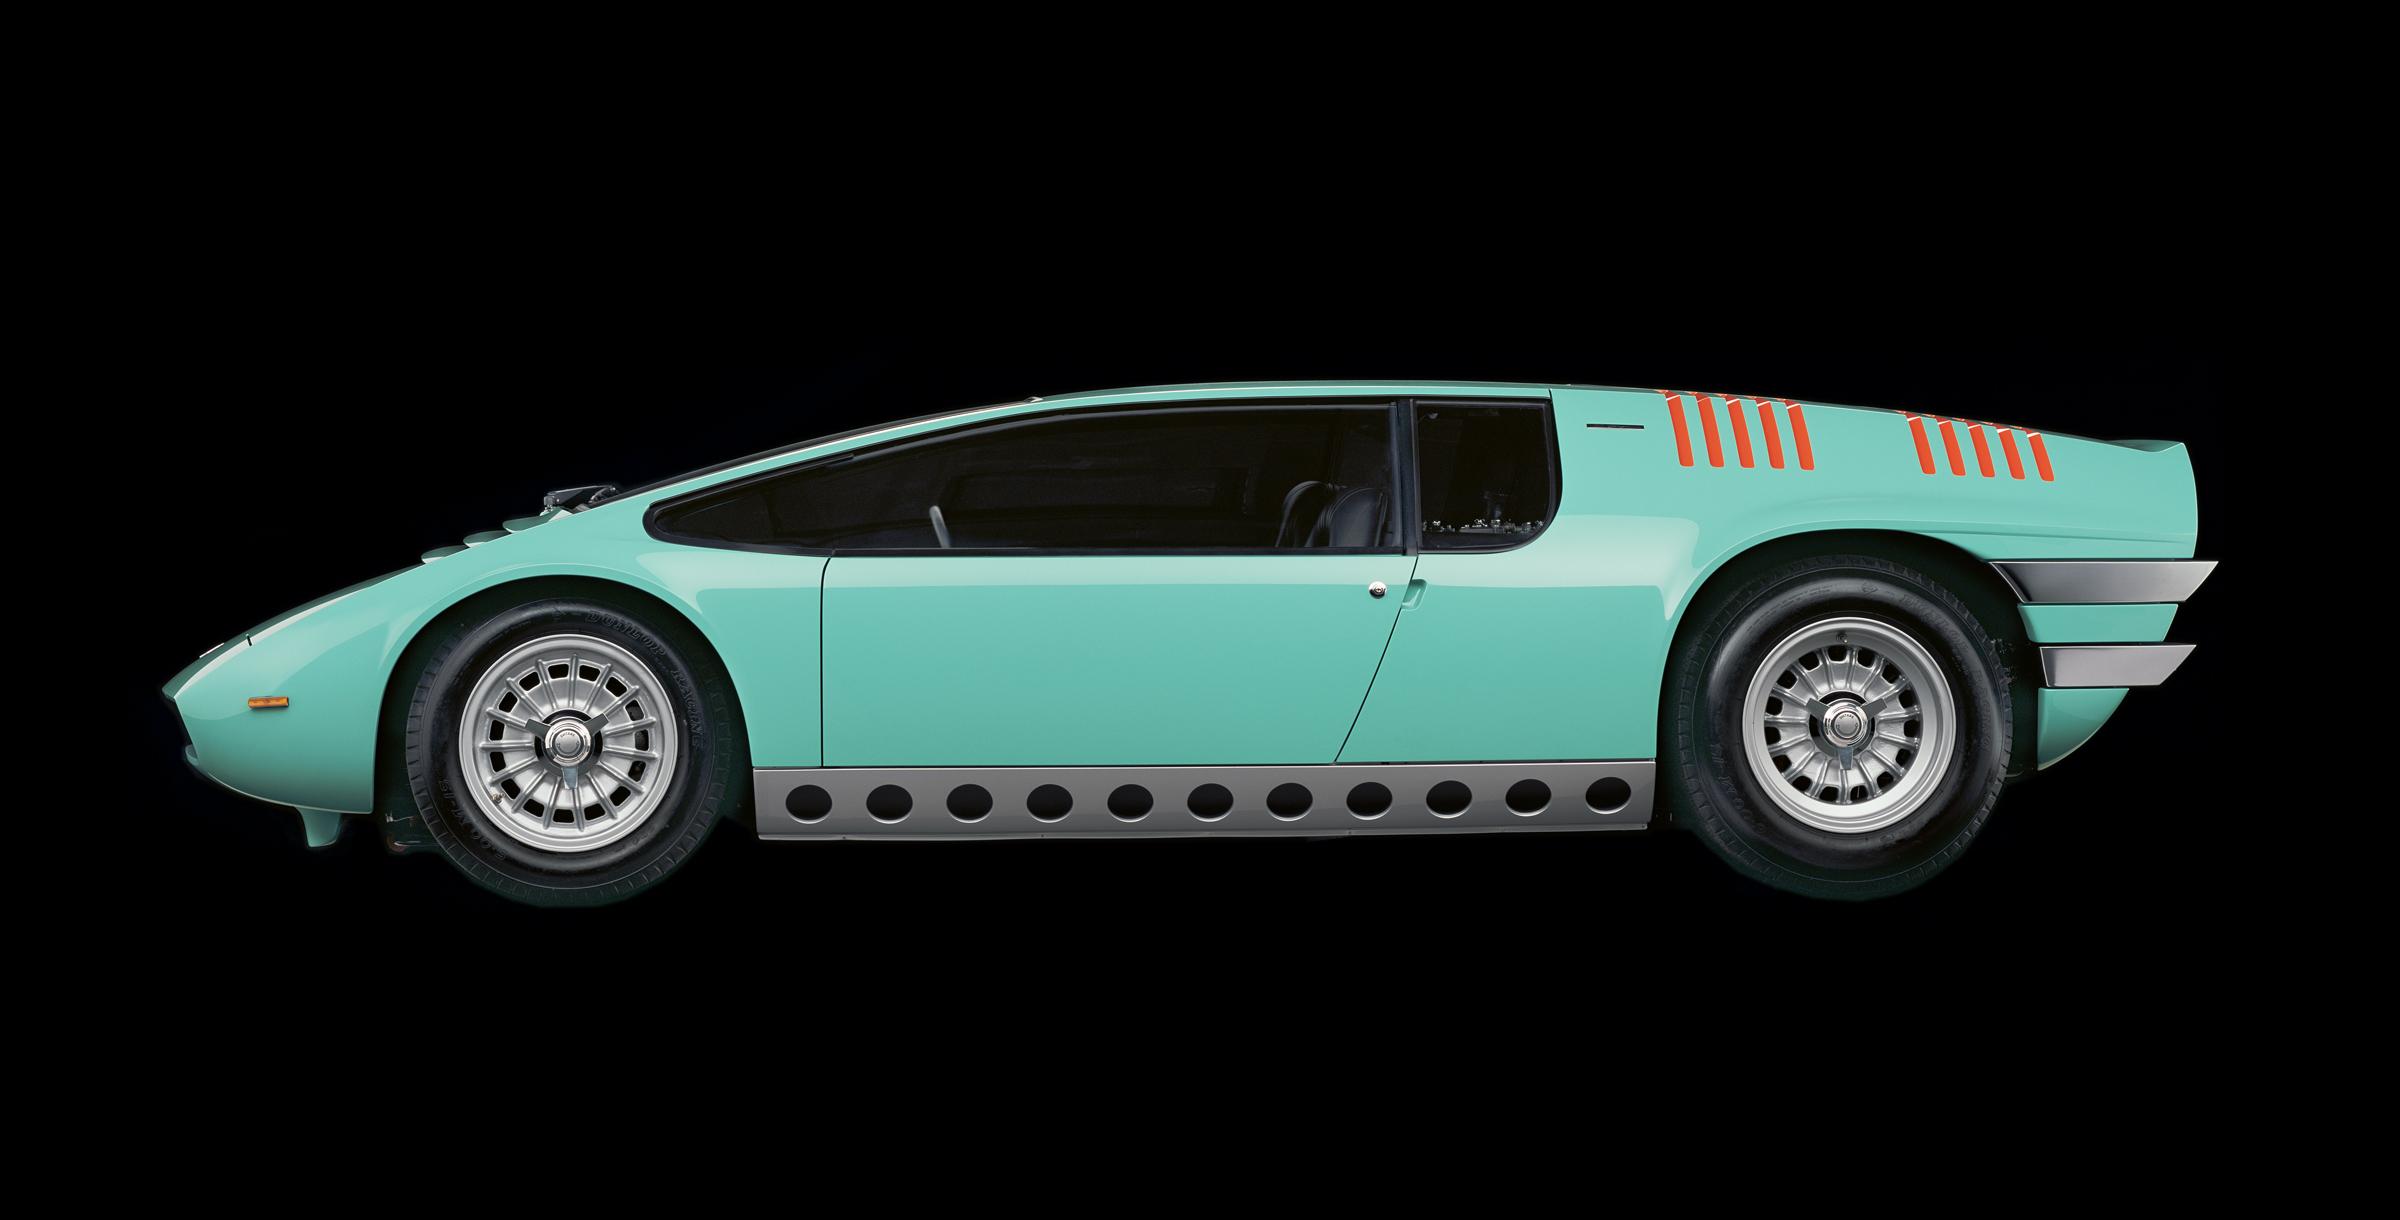 Manta, super cars, Super car pics, supercar pics, super car pictures, supercar pictures, 1968 Bizzarini Manta, Petersen Automotive Museum